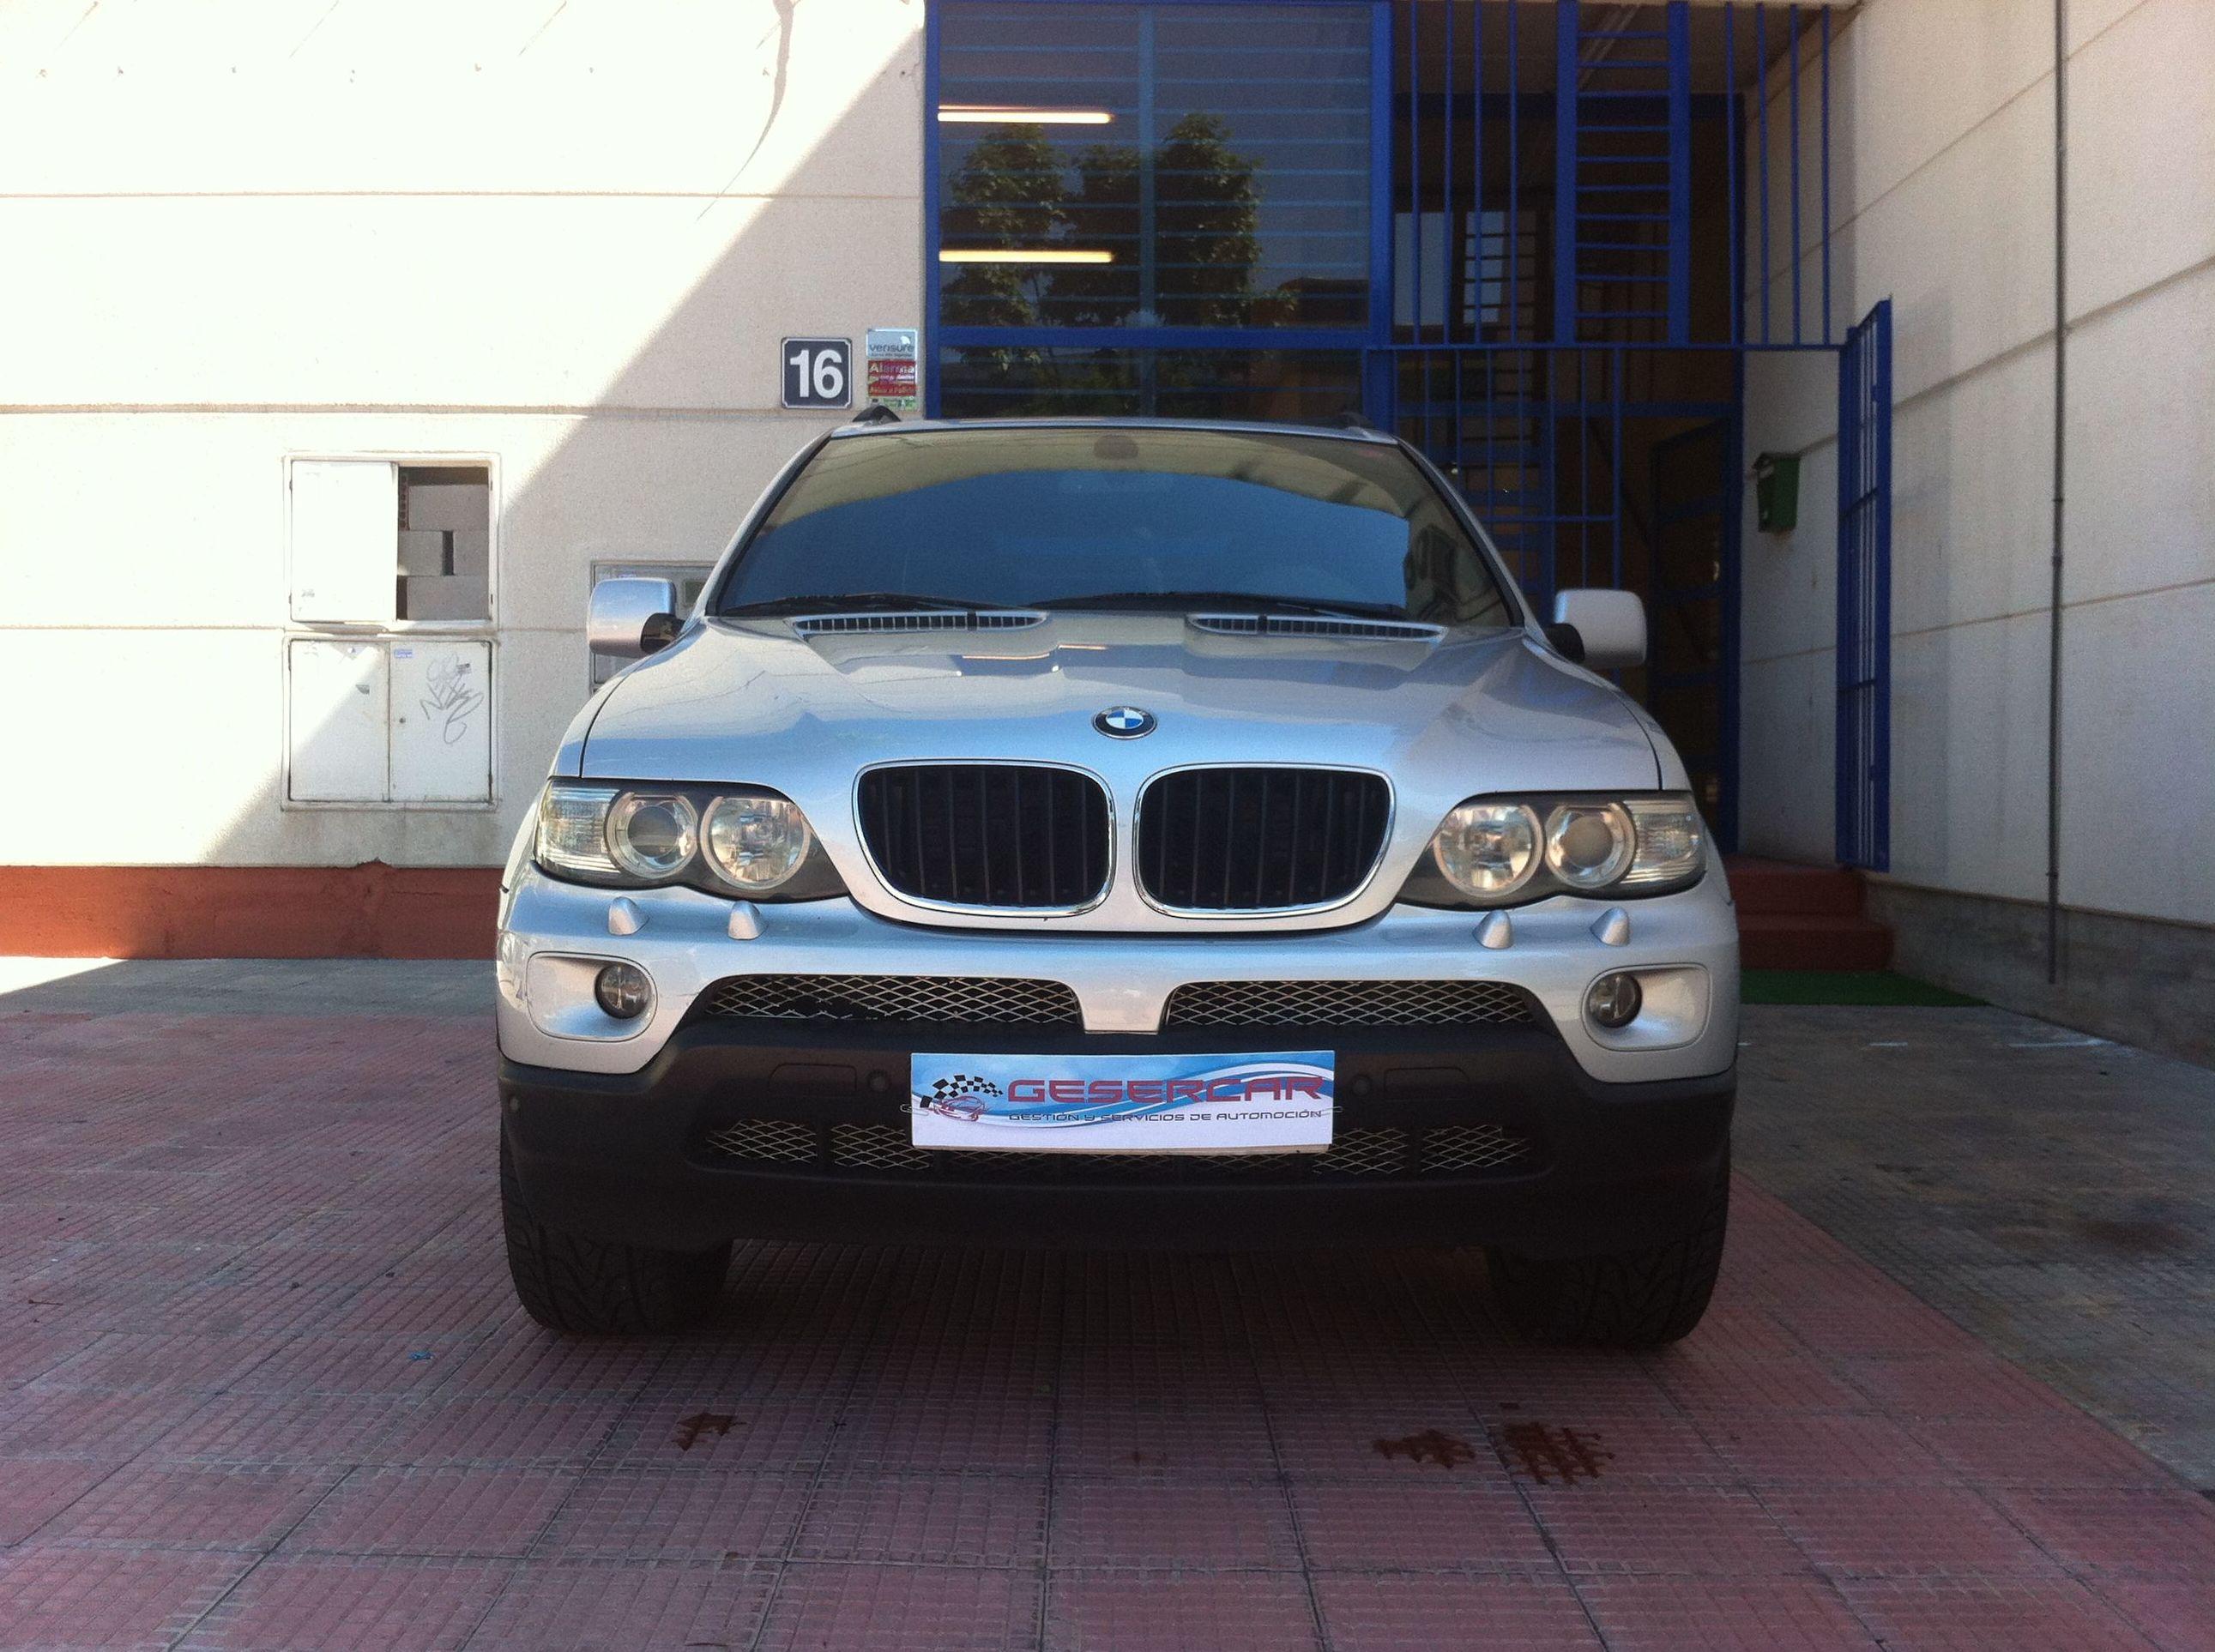 Compraventa de vehículos en Las Rozas, Madrid